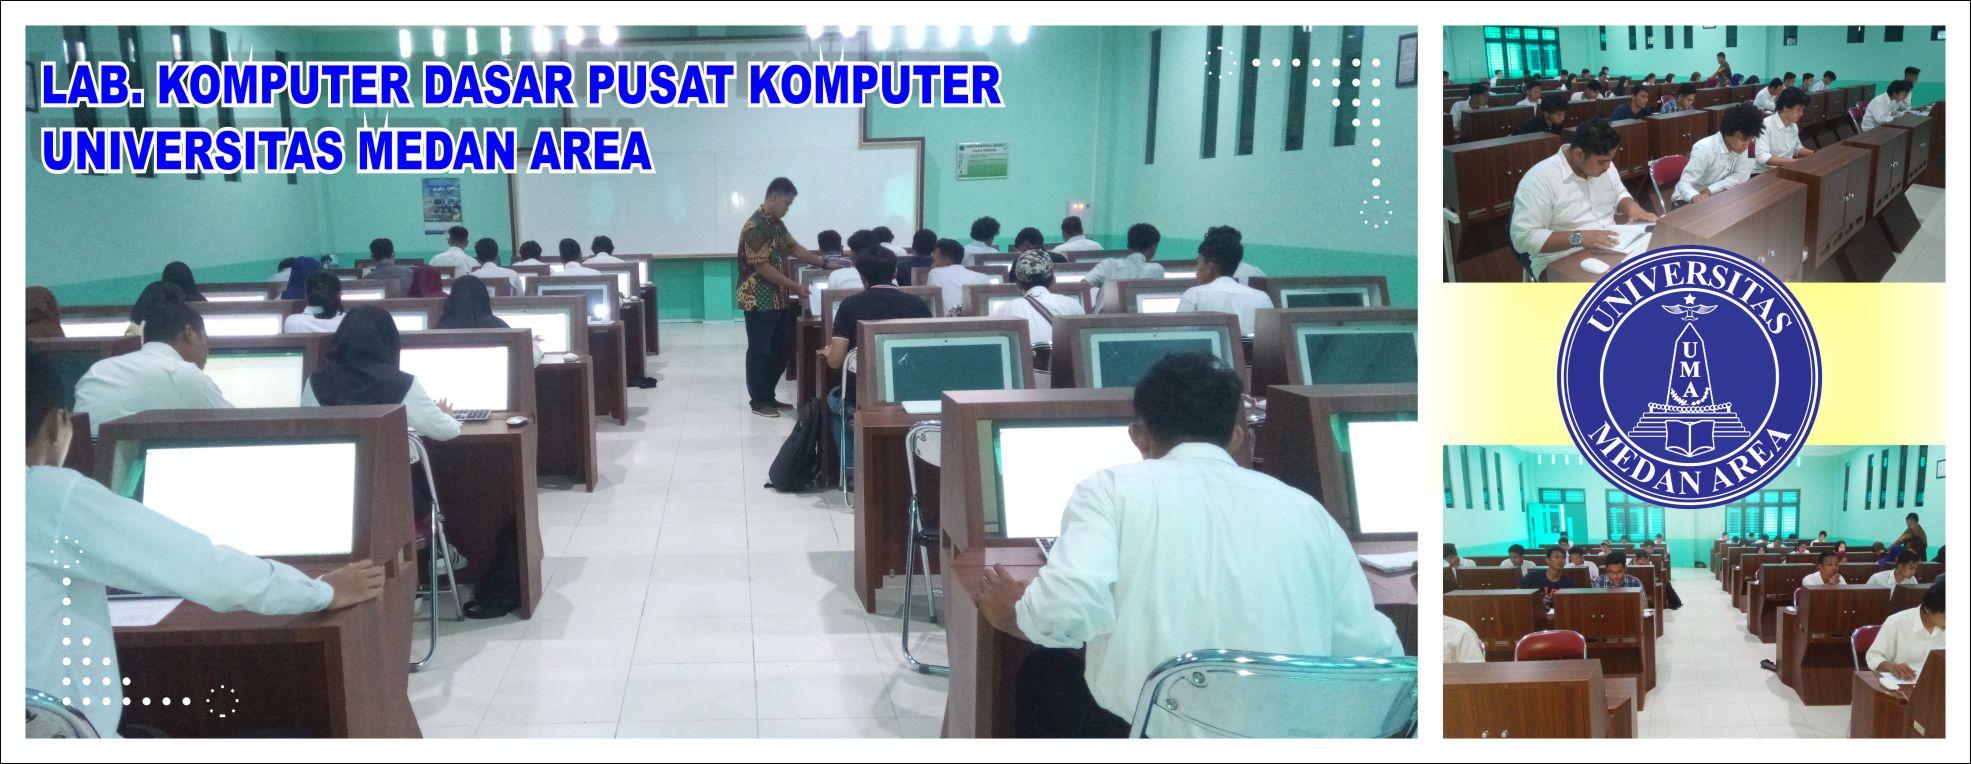 Lab. Komputer Dasar